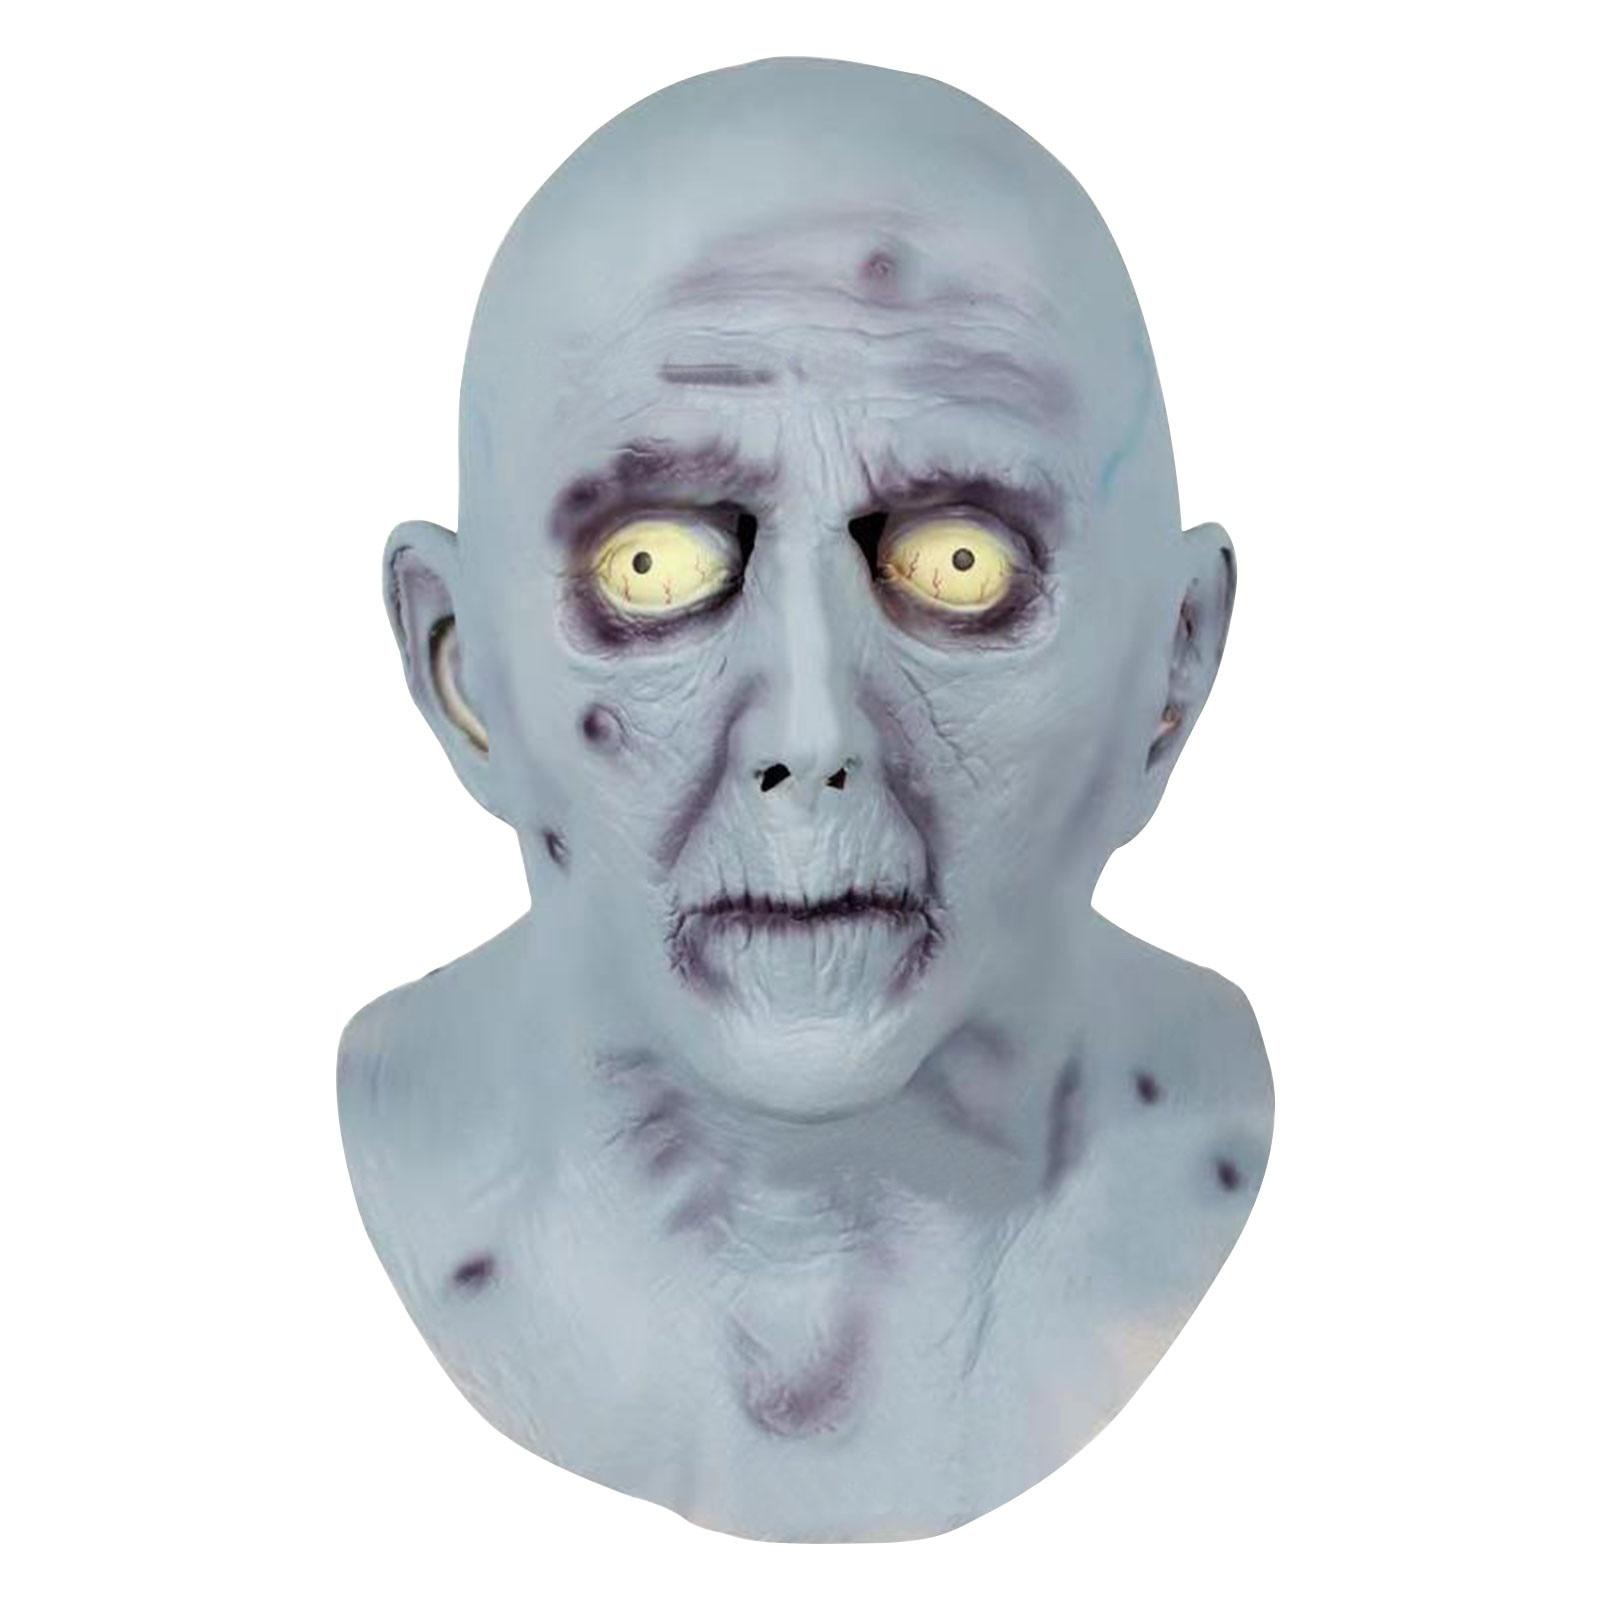 venda imperdivel mascara assustadora do dia das bruxas mascara do dia das